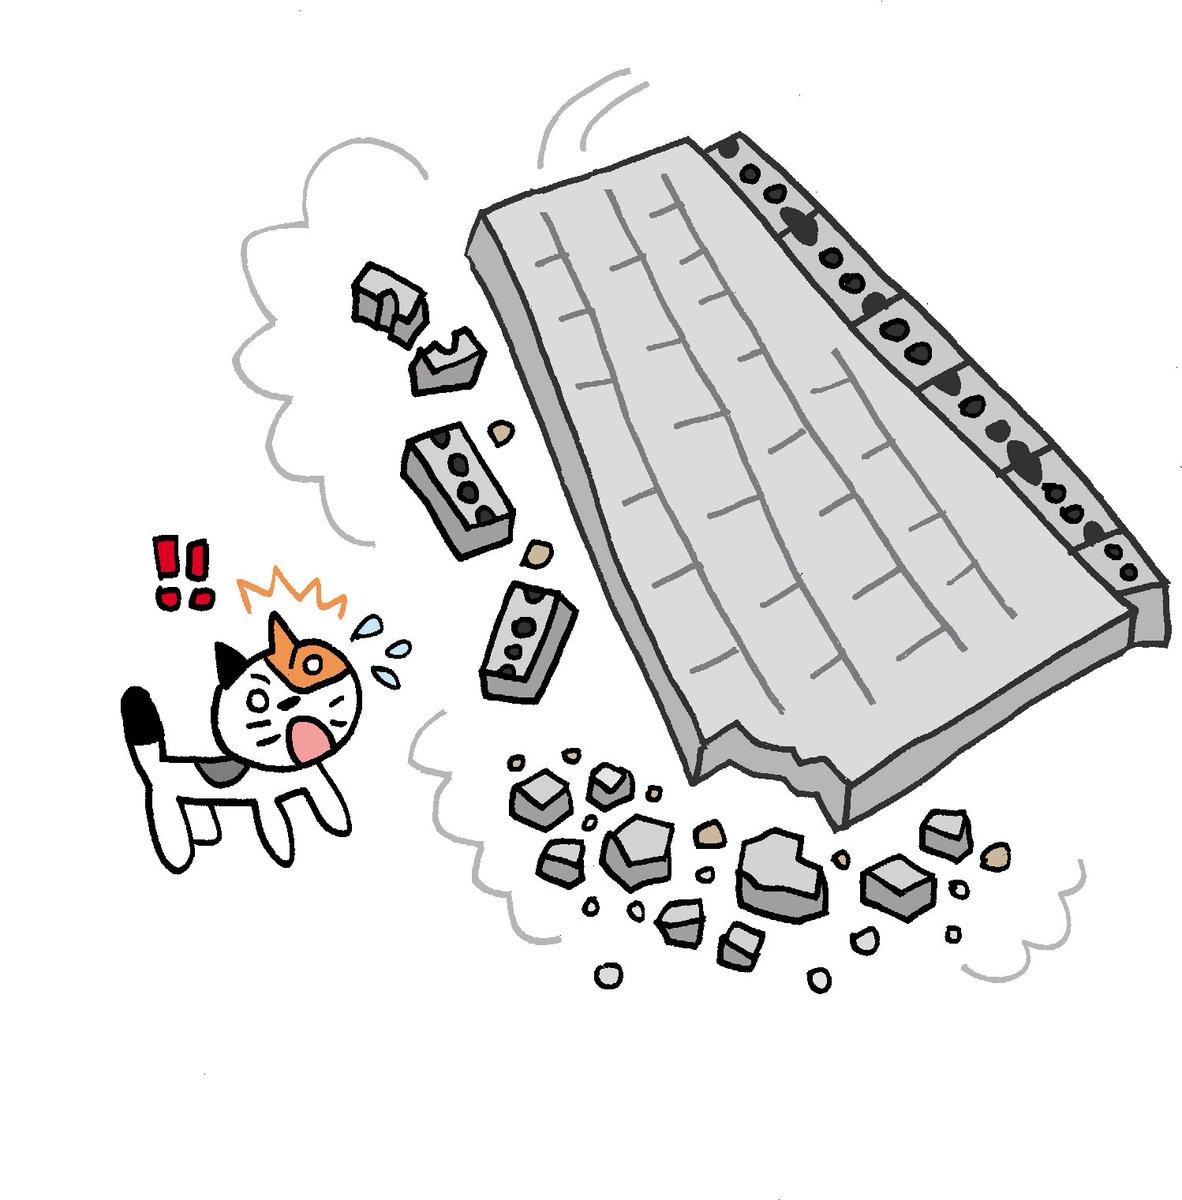 """防災無料イラスト в Twitter: """"地震と倒壊するブロック塀のイラスト https://t.co/JXVDb23DVf 2年前の大阪北部地震では、 ブロック塀が倒れて犠牲者が出てしまいました。自宅の周辺や子どもたちの通学路などに危険なブロック塀がないか、確認しておきたいですね。… https ..."""